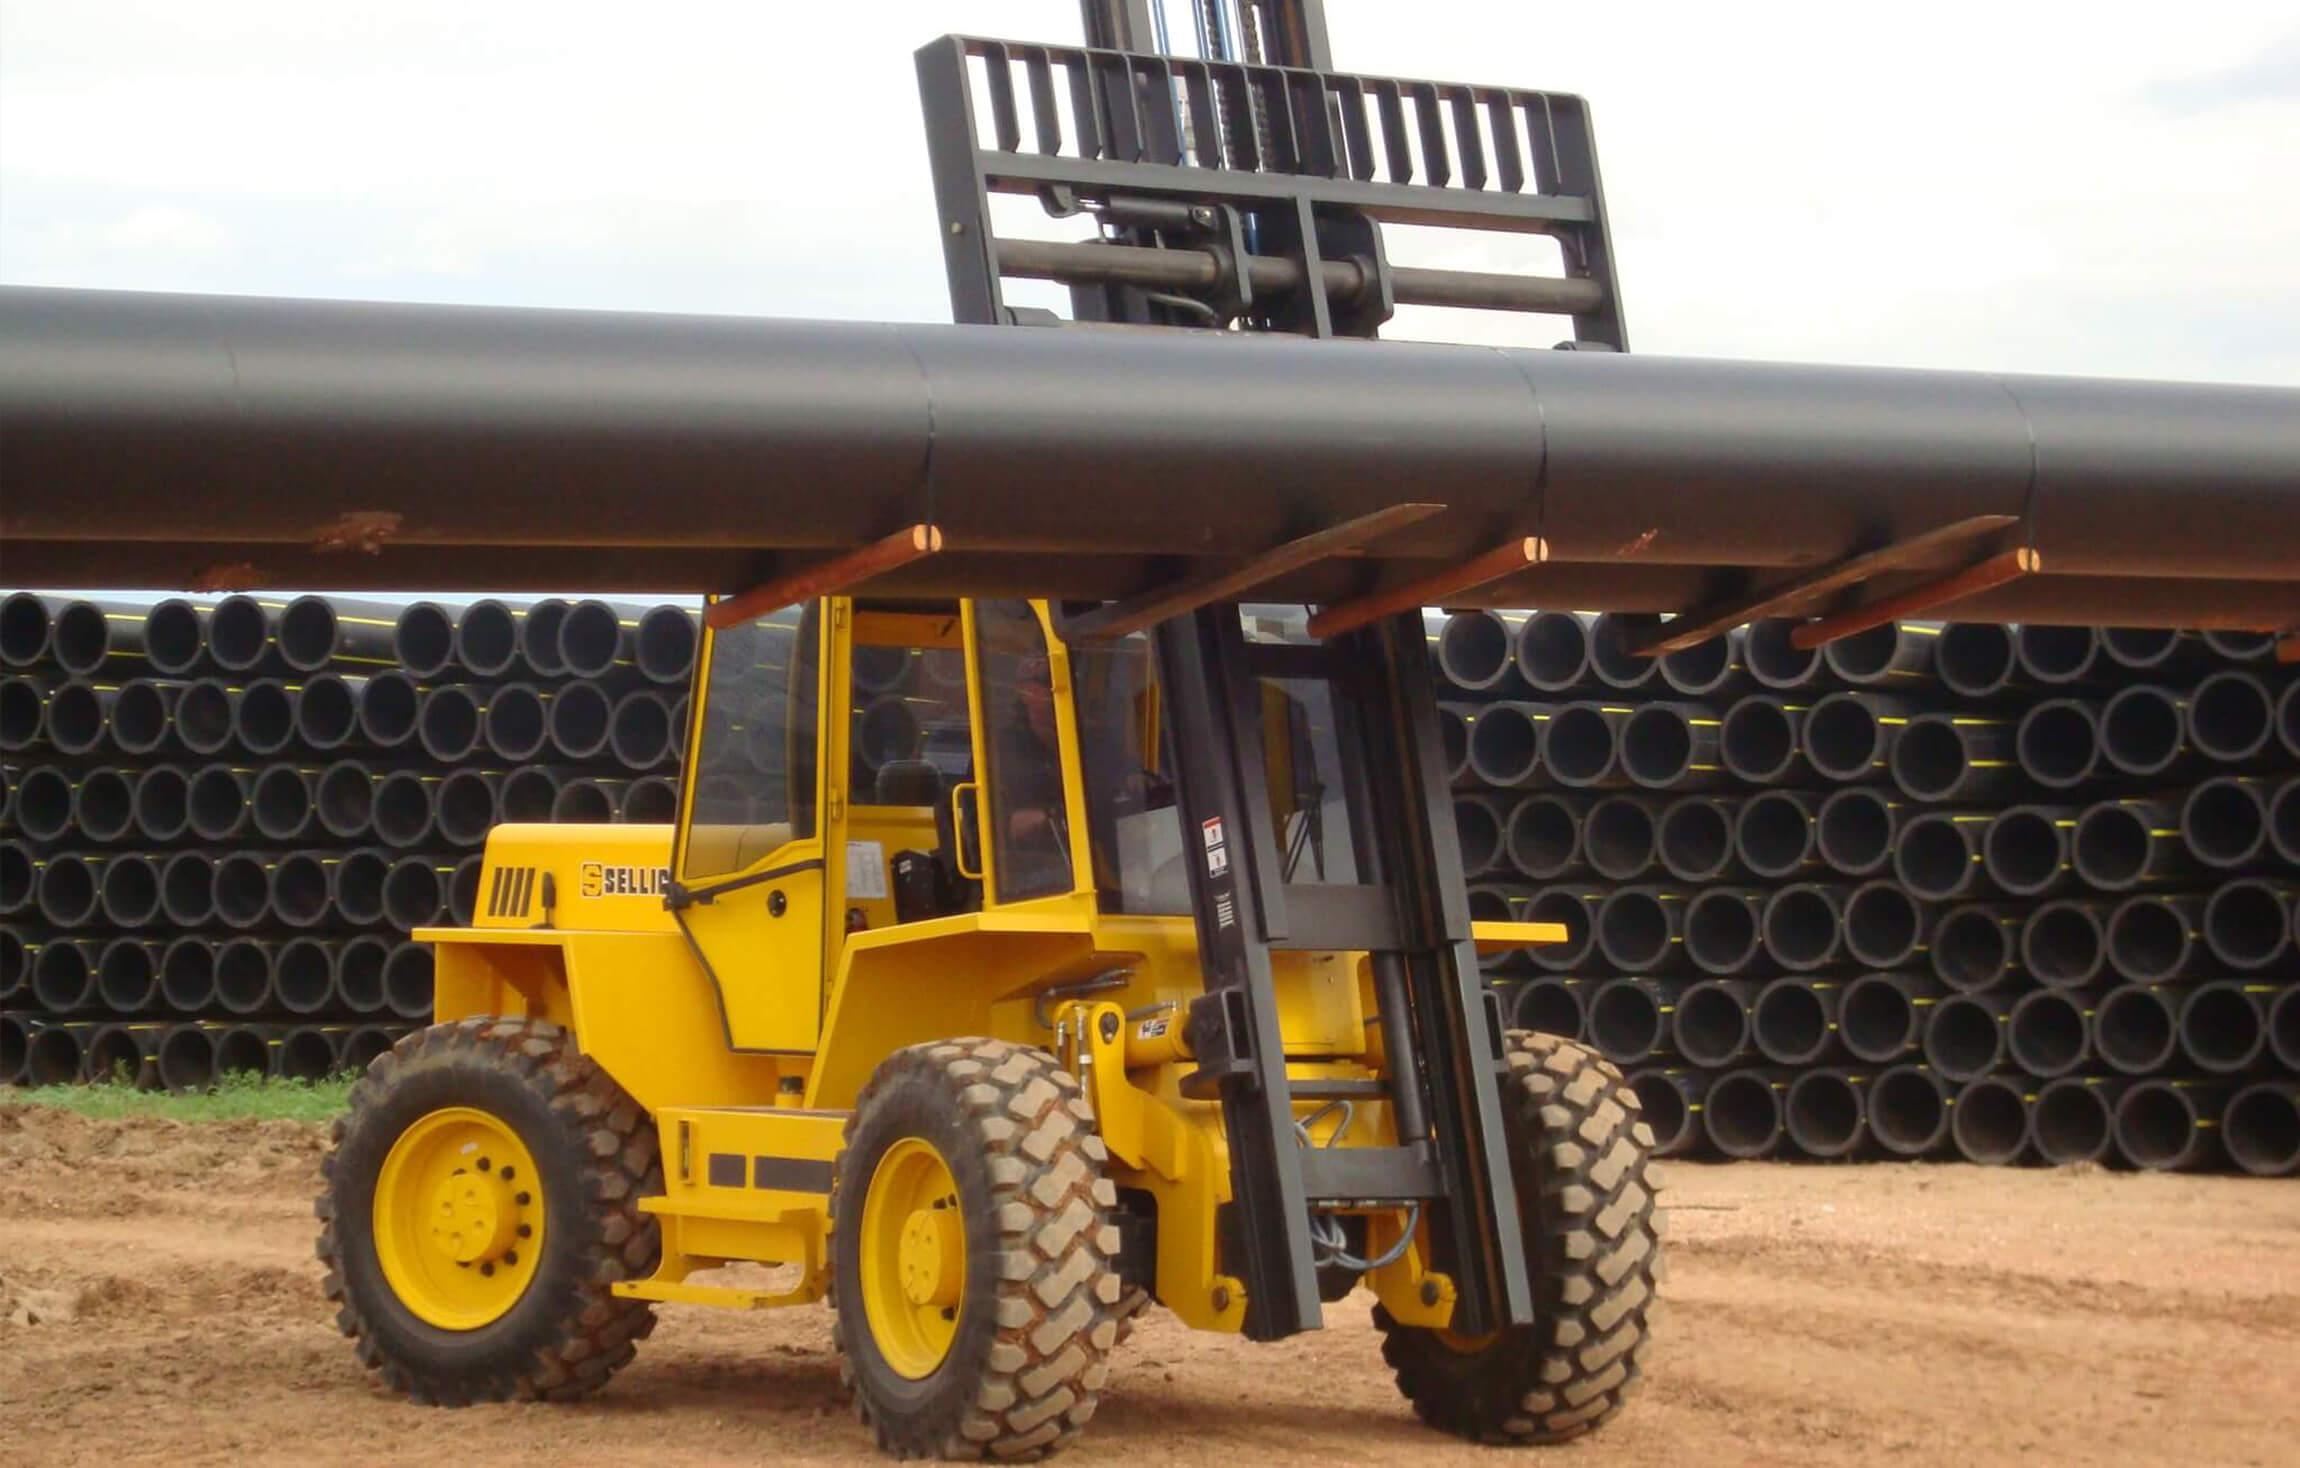 s160 tubing large